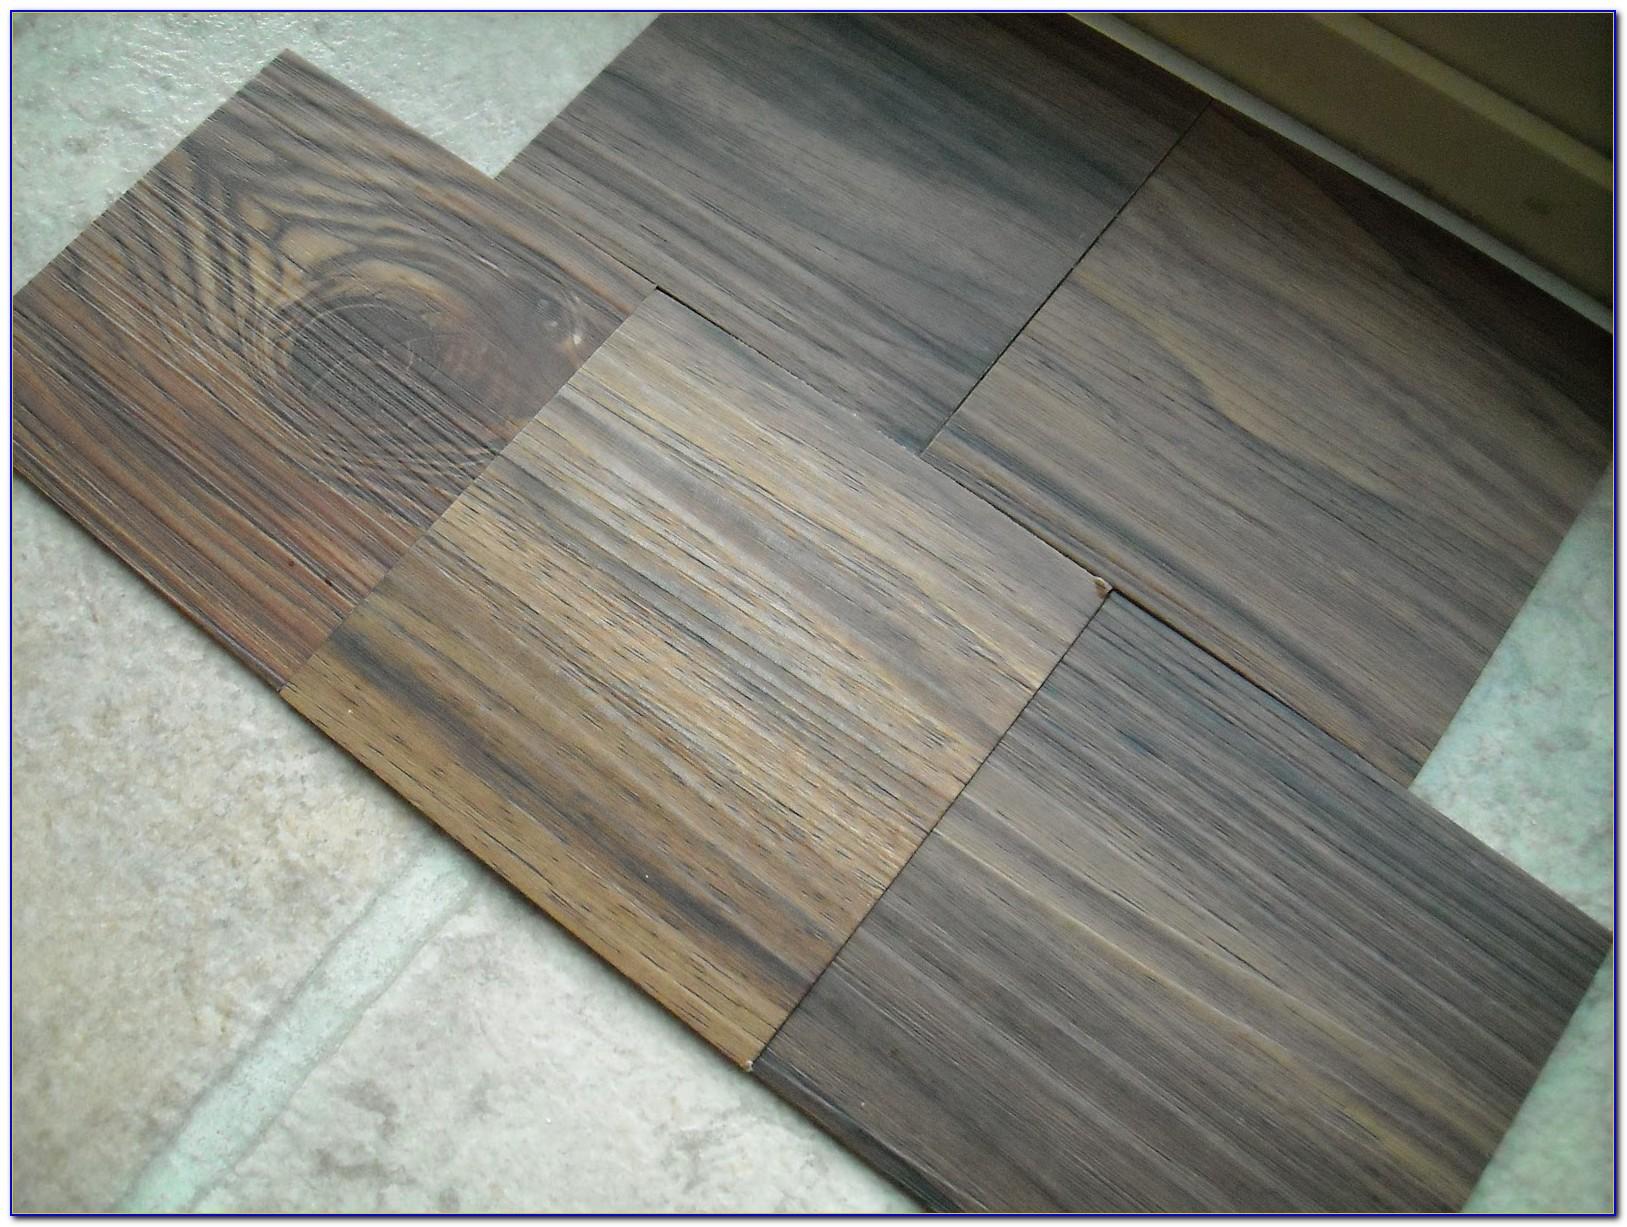 Trafficmaster Allure Vinyl Plank Flooring Cleaning